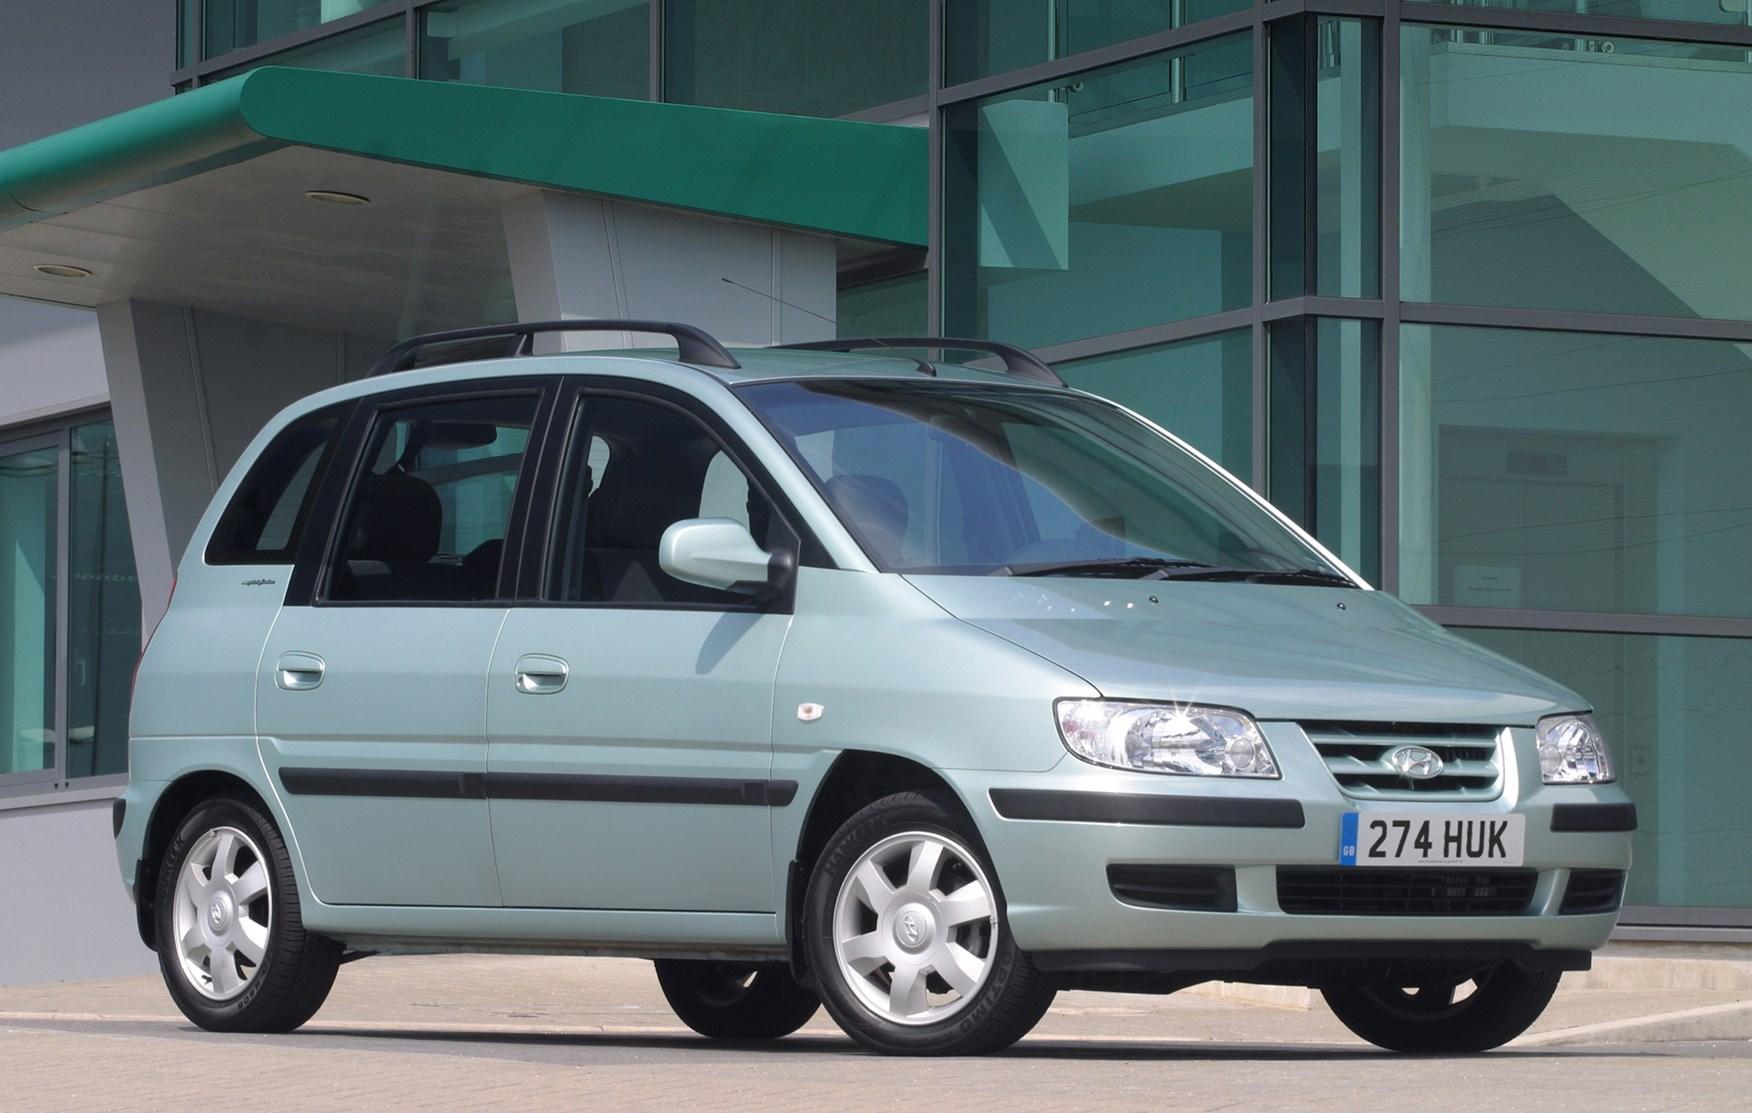 Cars For Sale Tucson >> Hyundai Matrix Estate Review (2001 - 2010) | Parkers